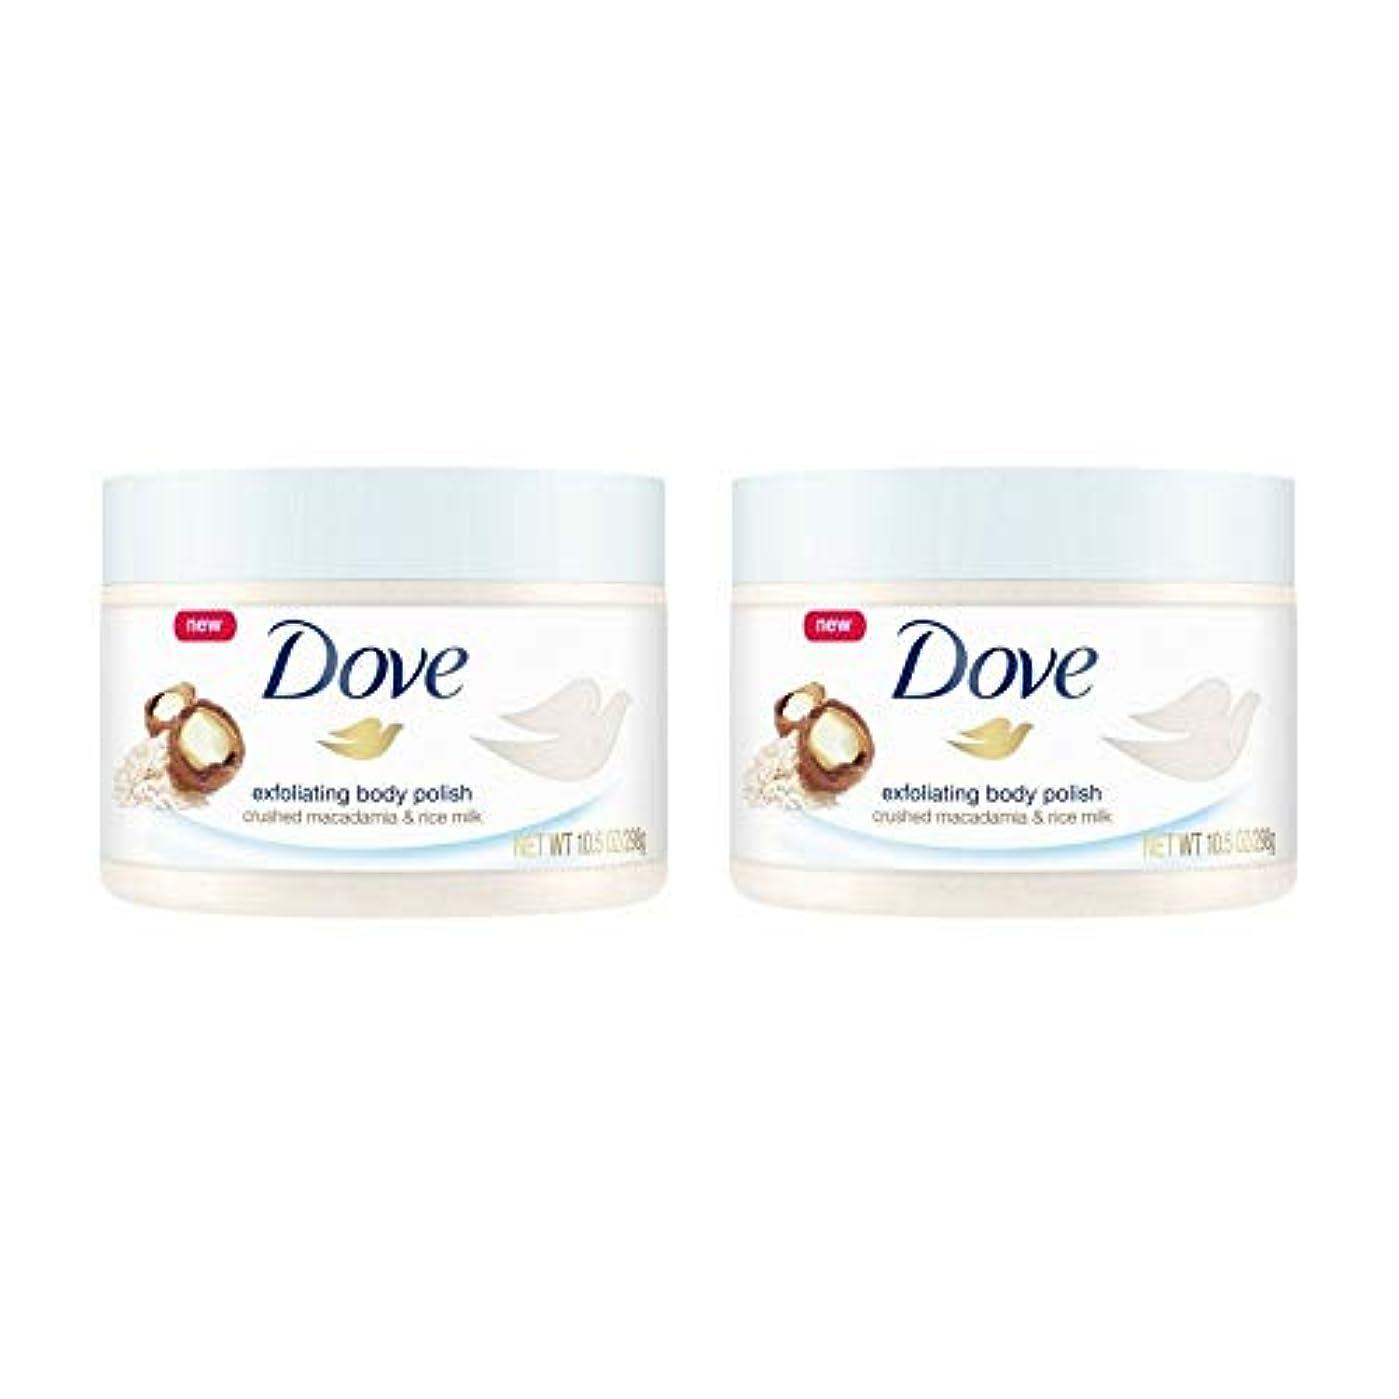 クラフト乱暴なのDove Exfoliating Body Polish Body Scrub Macadamia & Rice Milk 10.5 oz (2 pack) 141[並行輸入]